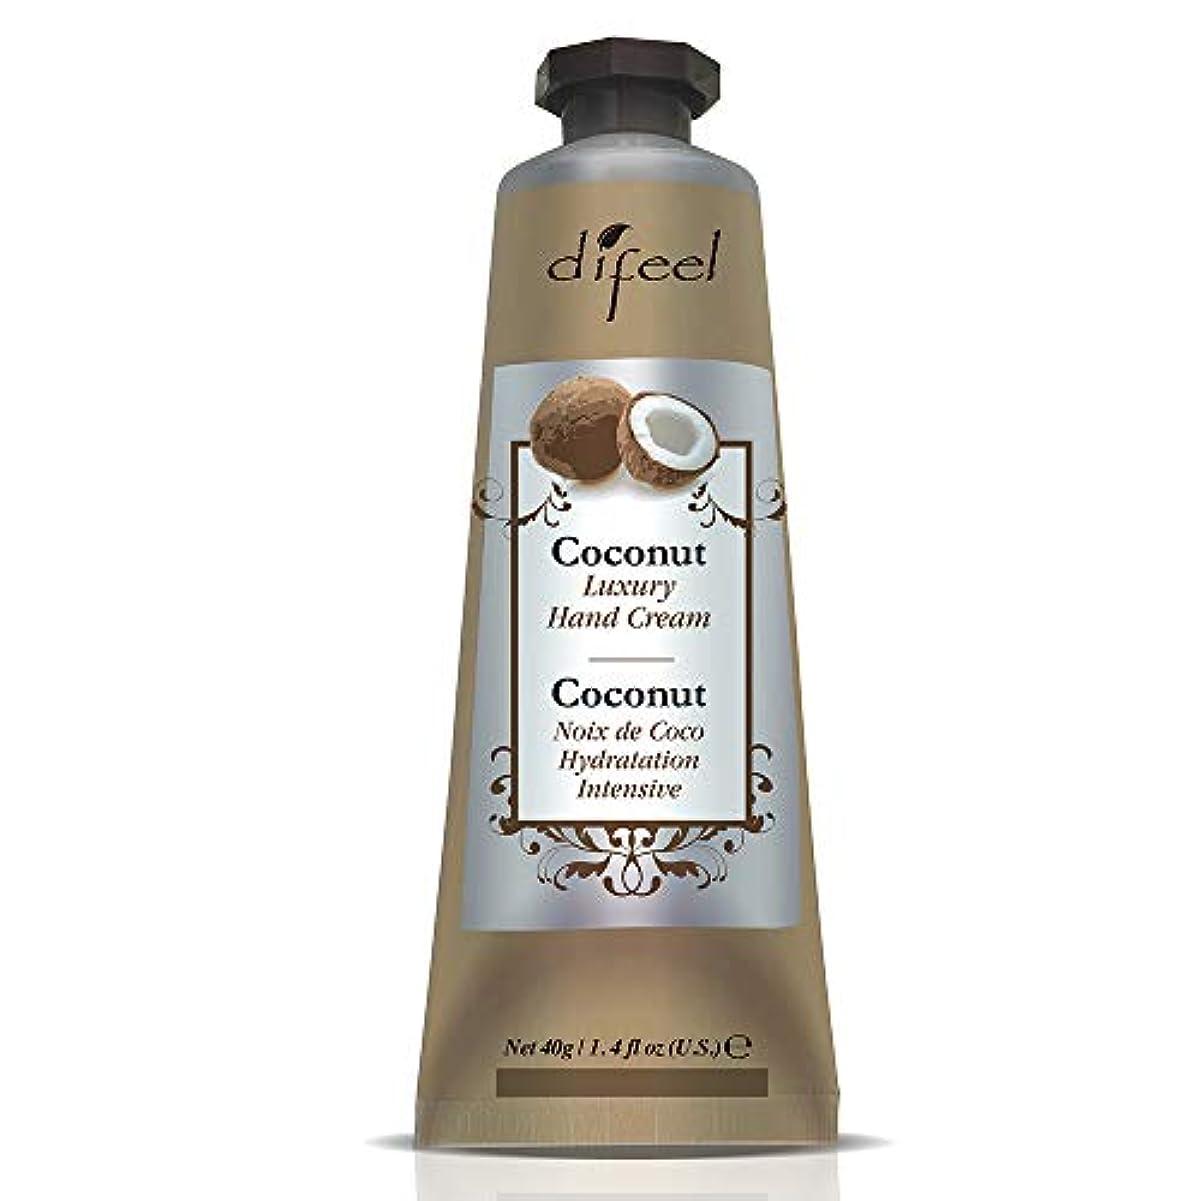 六スープ家庭Difeel(ディフィール) ココナッツ ナチュラル ハンドクリーム 40g COCONUT 11COC New York 【正規輸入品】